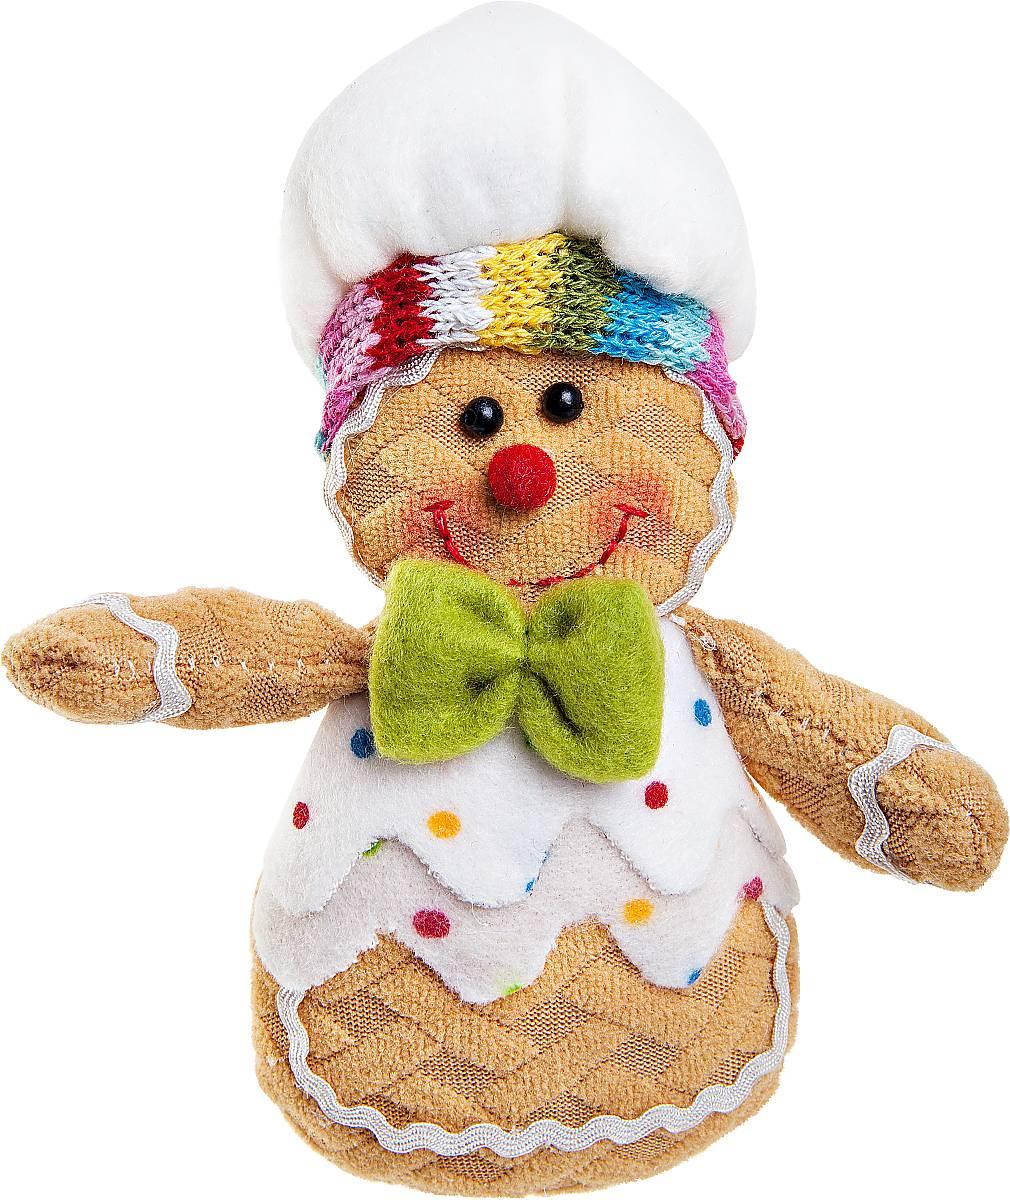 Игрушка новогодняя мягкая Mister Christmas Пряничный мальчик, высота 13 смSPP-11-MМягкая новогодняя игрушка Mister Christmas Пряничный мальчик, изготовленная из текстиля, прекрасно подойдет для праздничного декора дома. Изделие можно разместить в любом понравившемся вам месте. Новогодняя игрушка несет в себе волшебство и красоту праздника. Создайте в своем доме атмосферу веселья и радости, украшая дом красивыми игрушками, которые будут из года в год накапливать теплоту воспоминаний.Высота игрушки: 13 см.